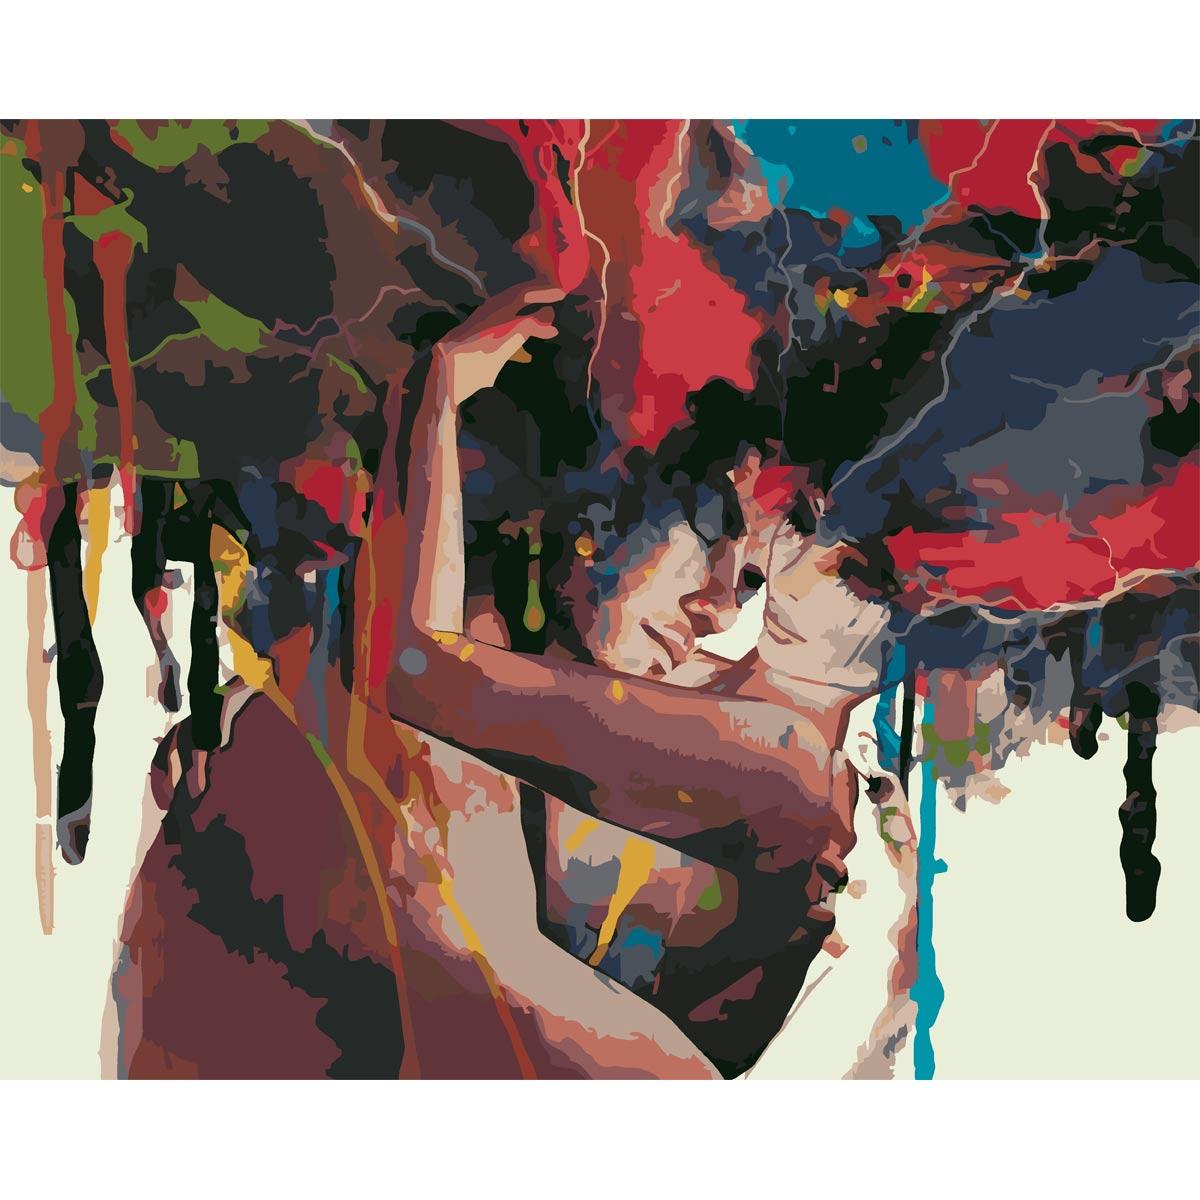 HS1154 Набор для рисования по номерам 'О любви в красках' 40*50см